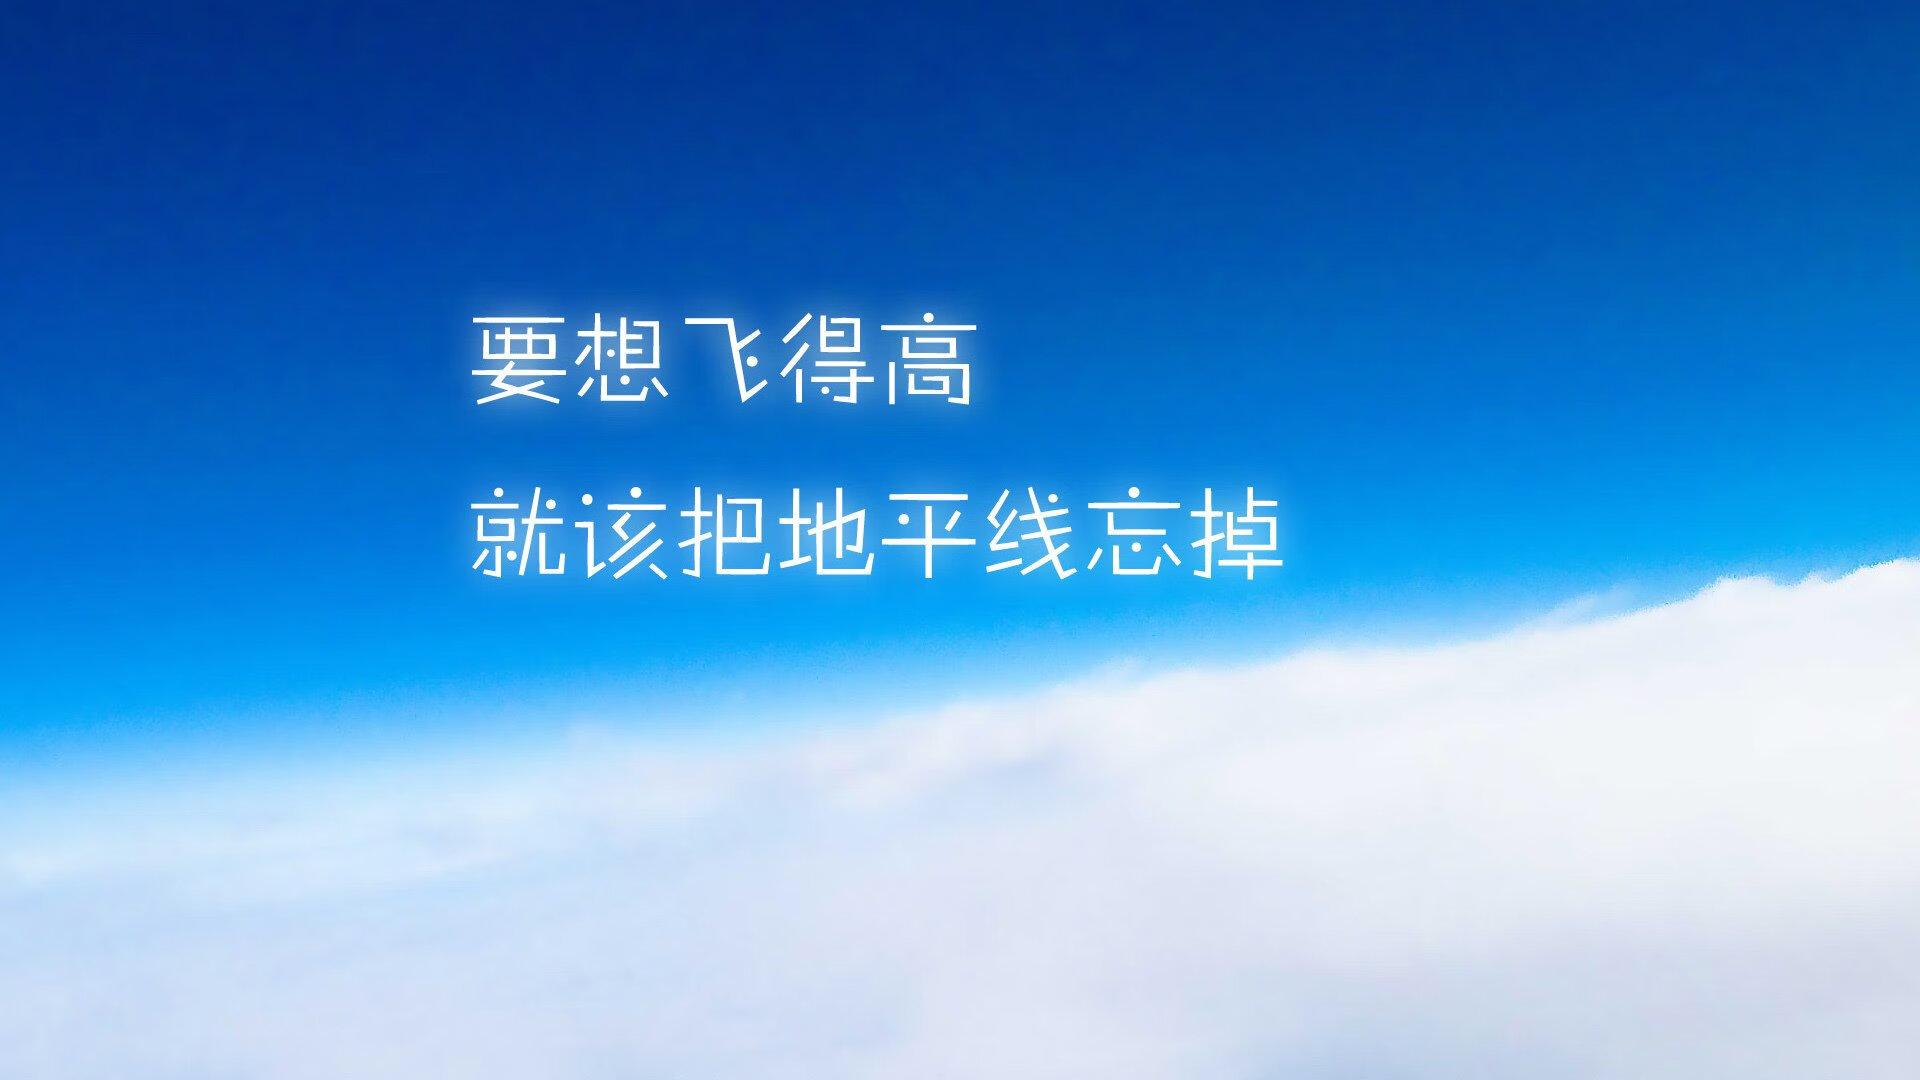 社平工资是什么意思,2021年广西退休工资计算-第1张图片